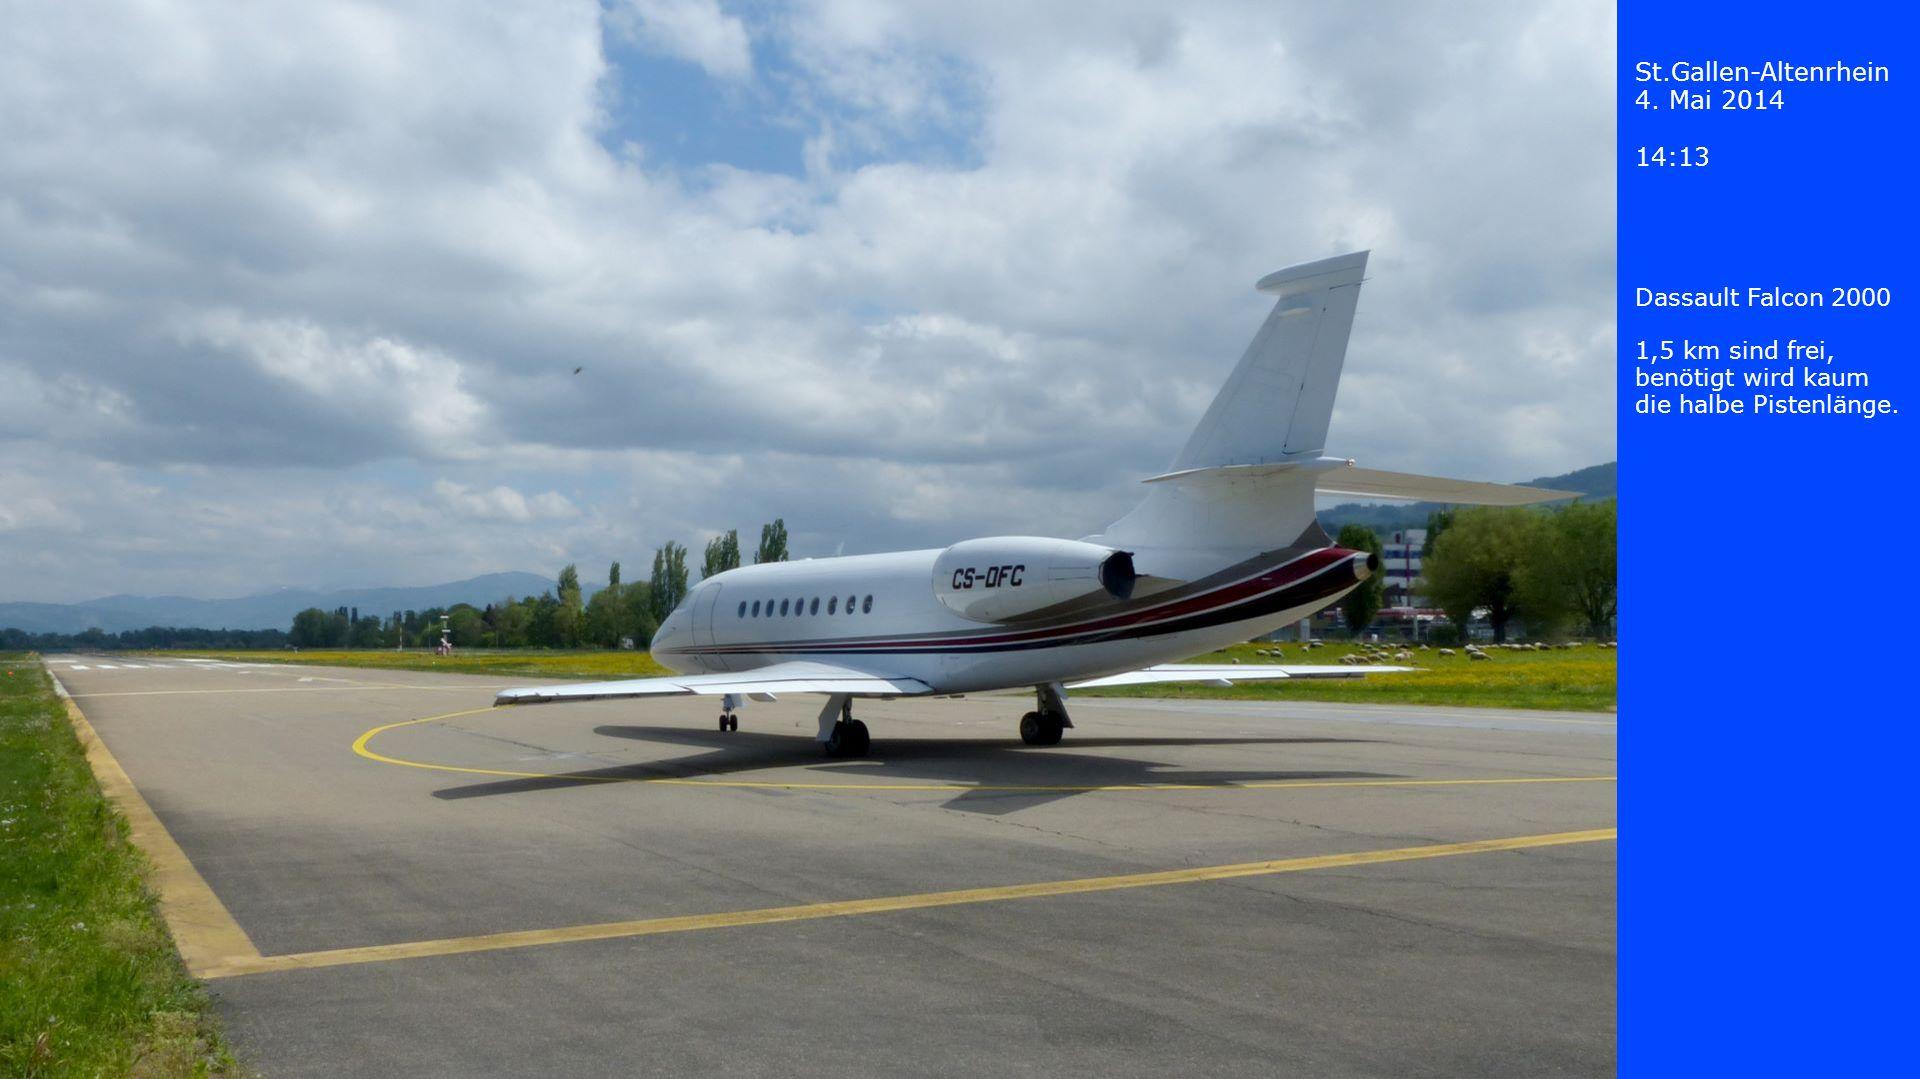 St.Gallen-Altenrhein 4. Mai 2014 14:13 Dassault Falcon 2000 1,5 km sind frei, benötigt wird kaum die halbe Pistenlänge.